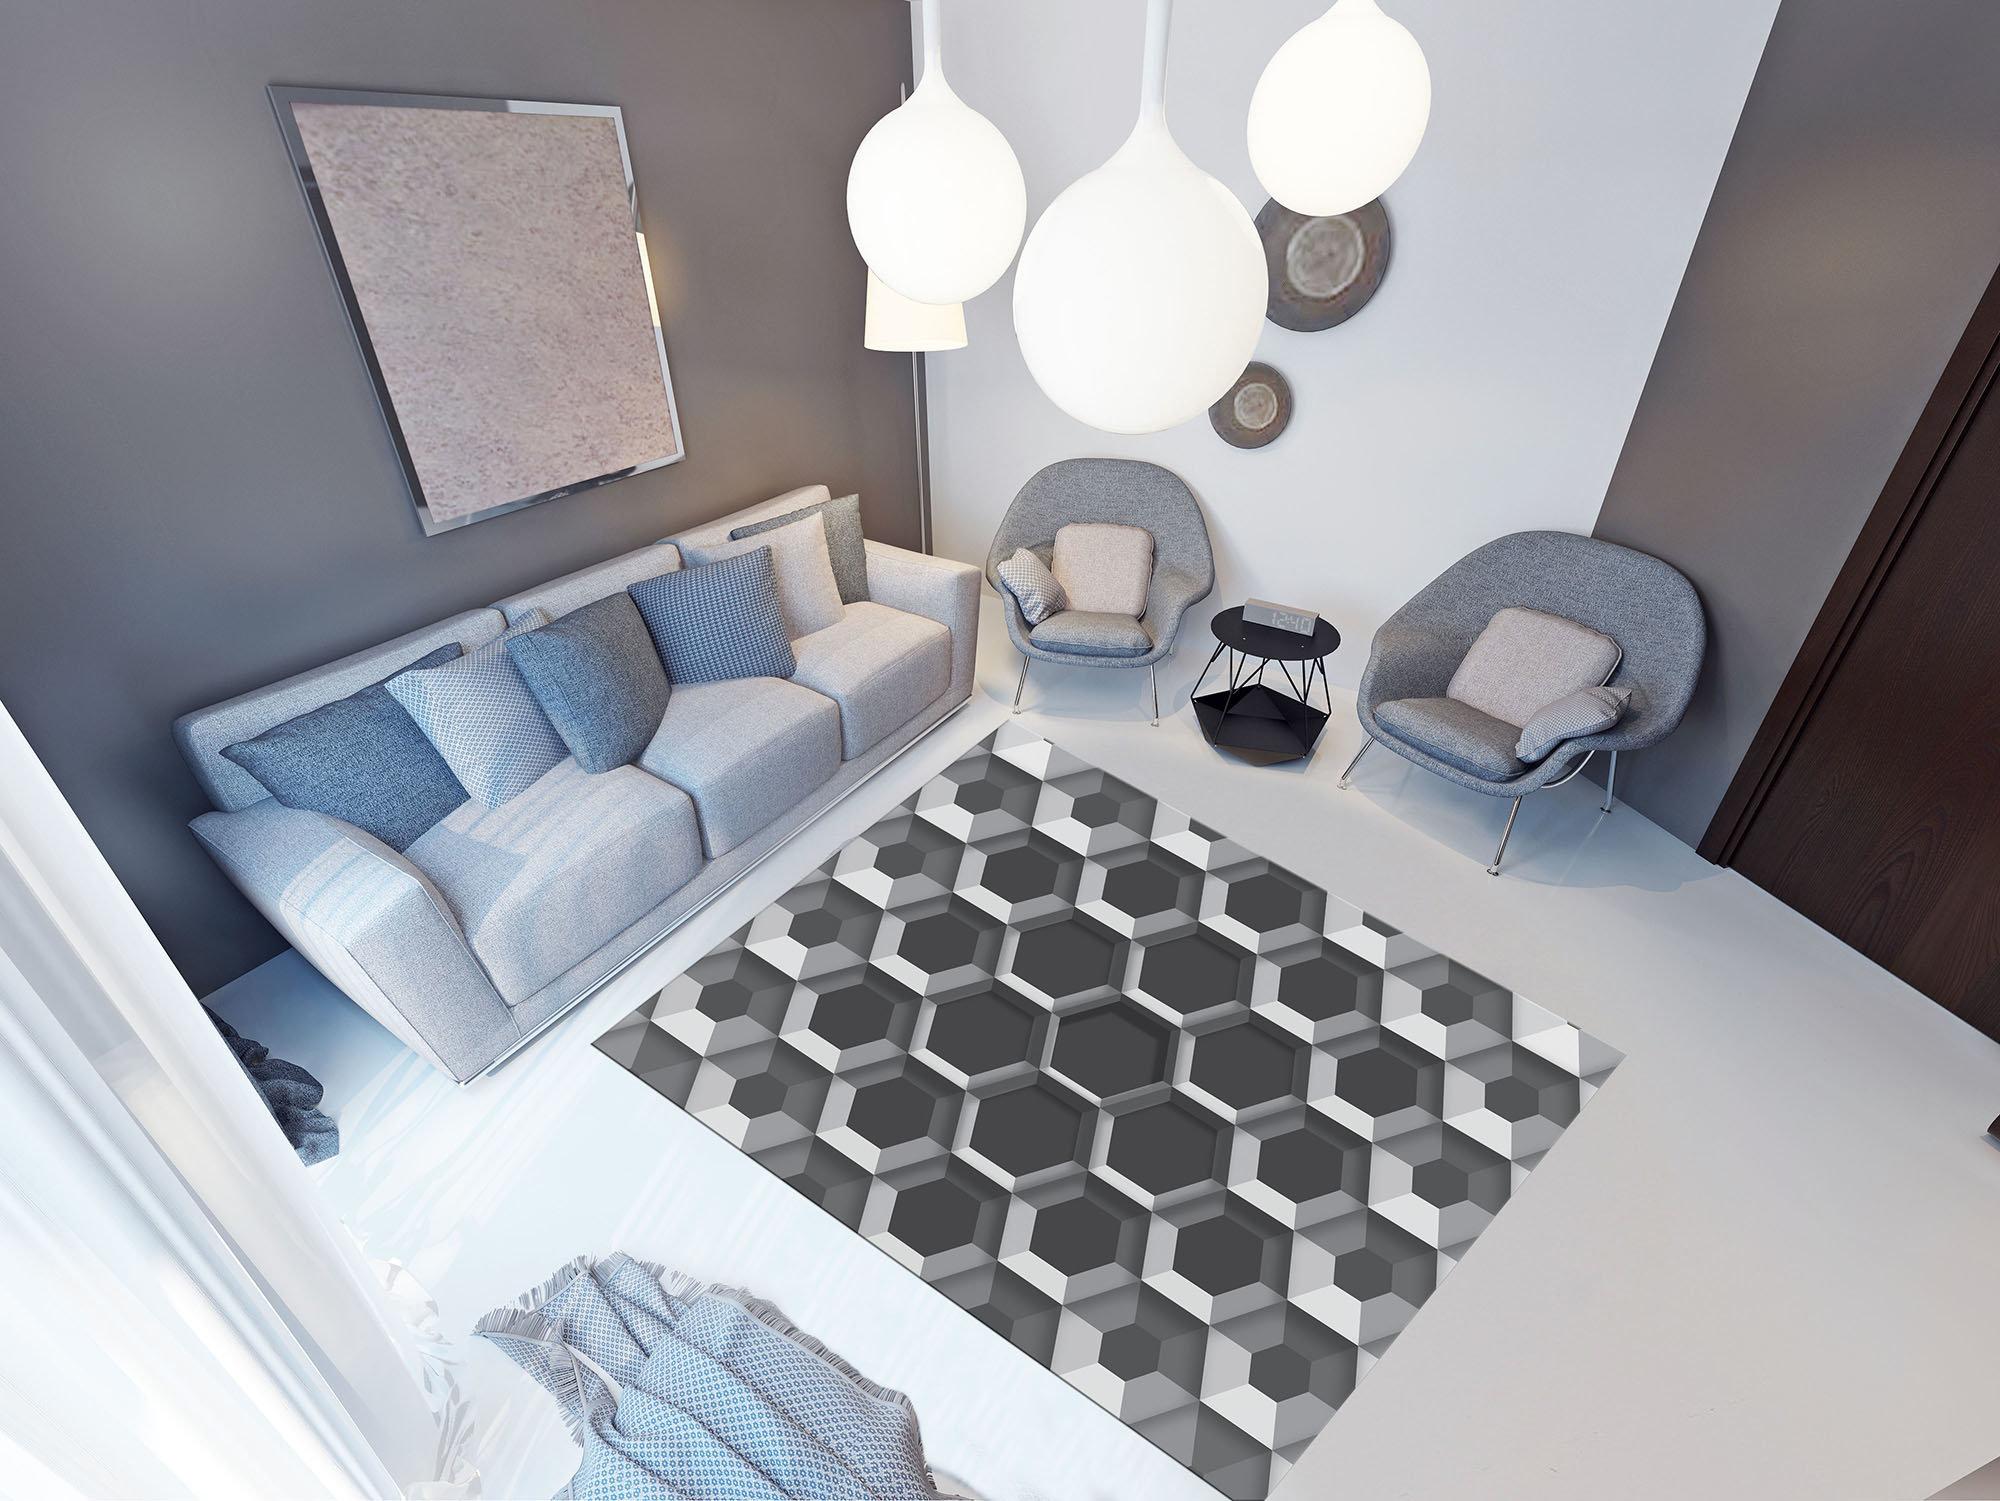 3d Pvc Fußboden ~ D hexagons forwall